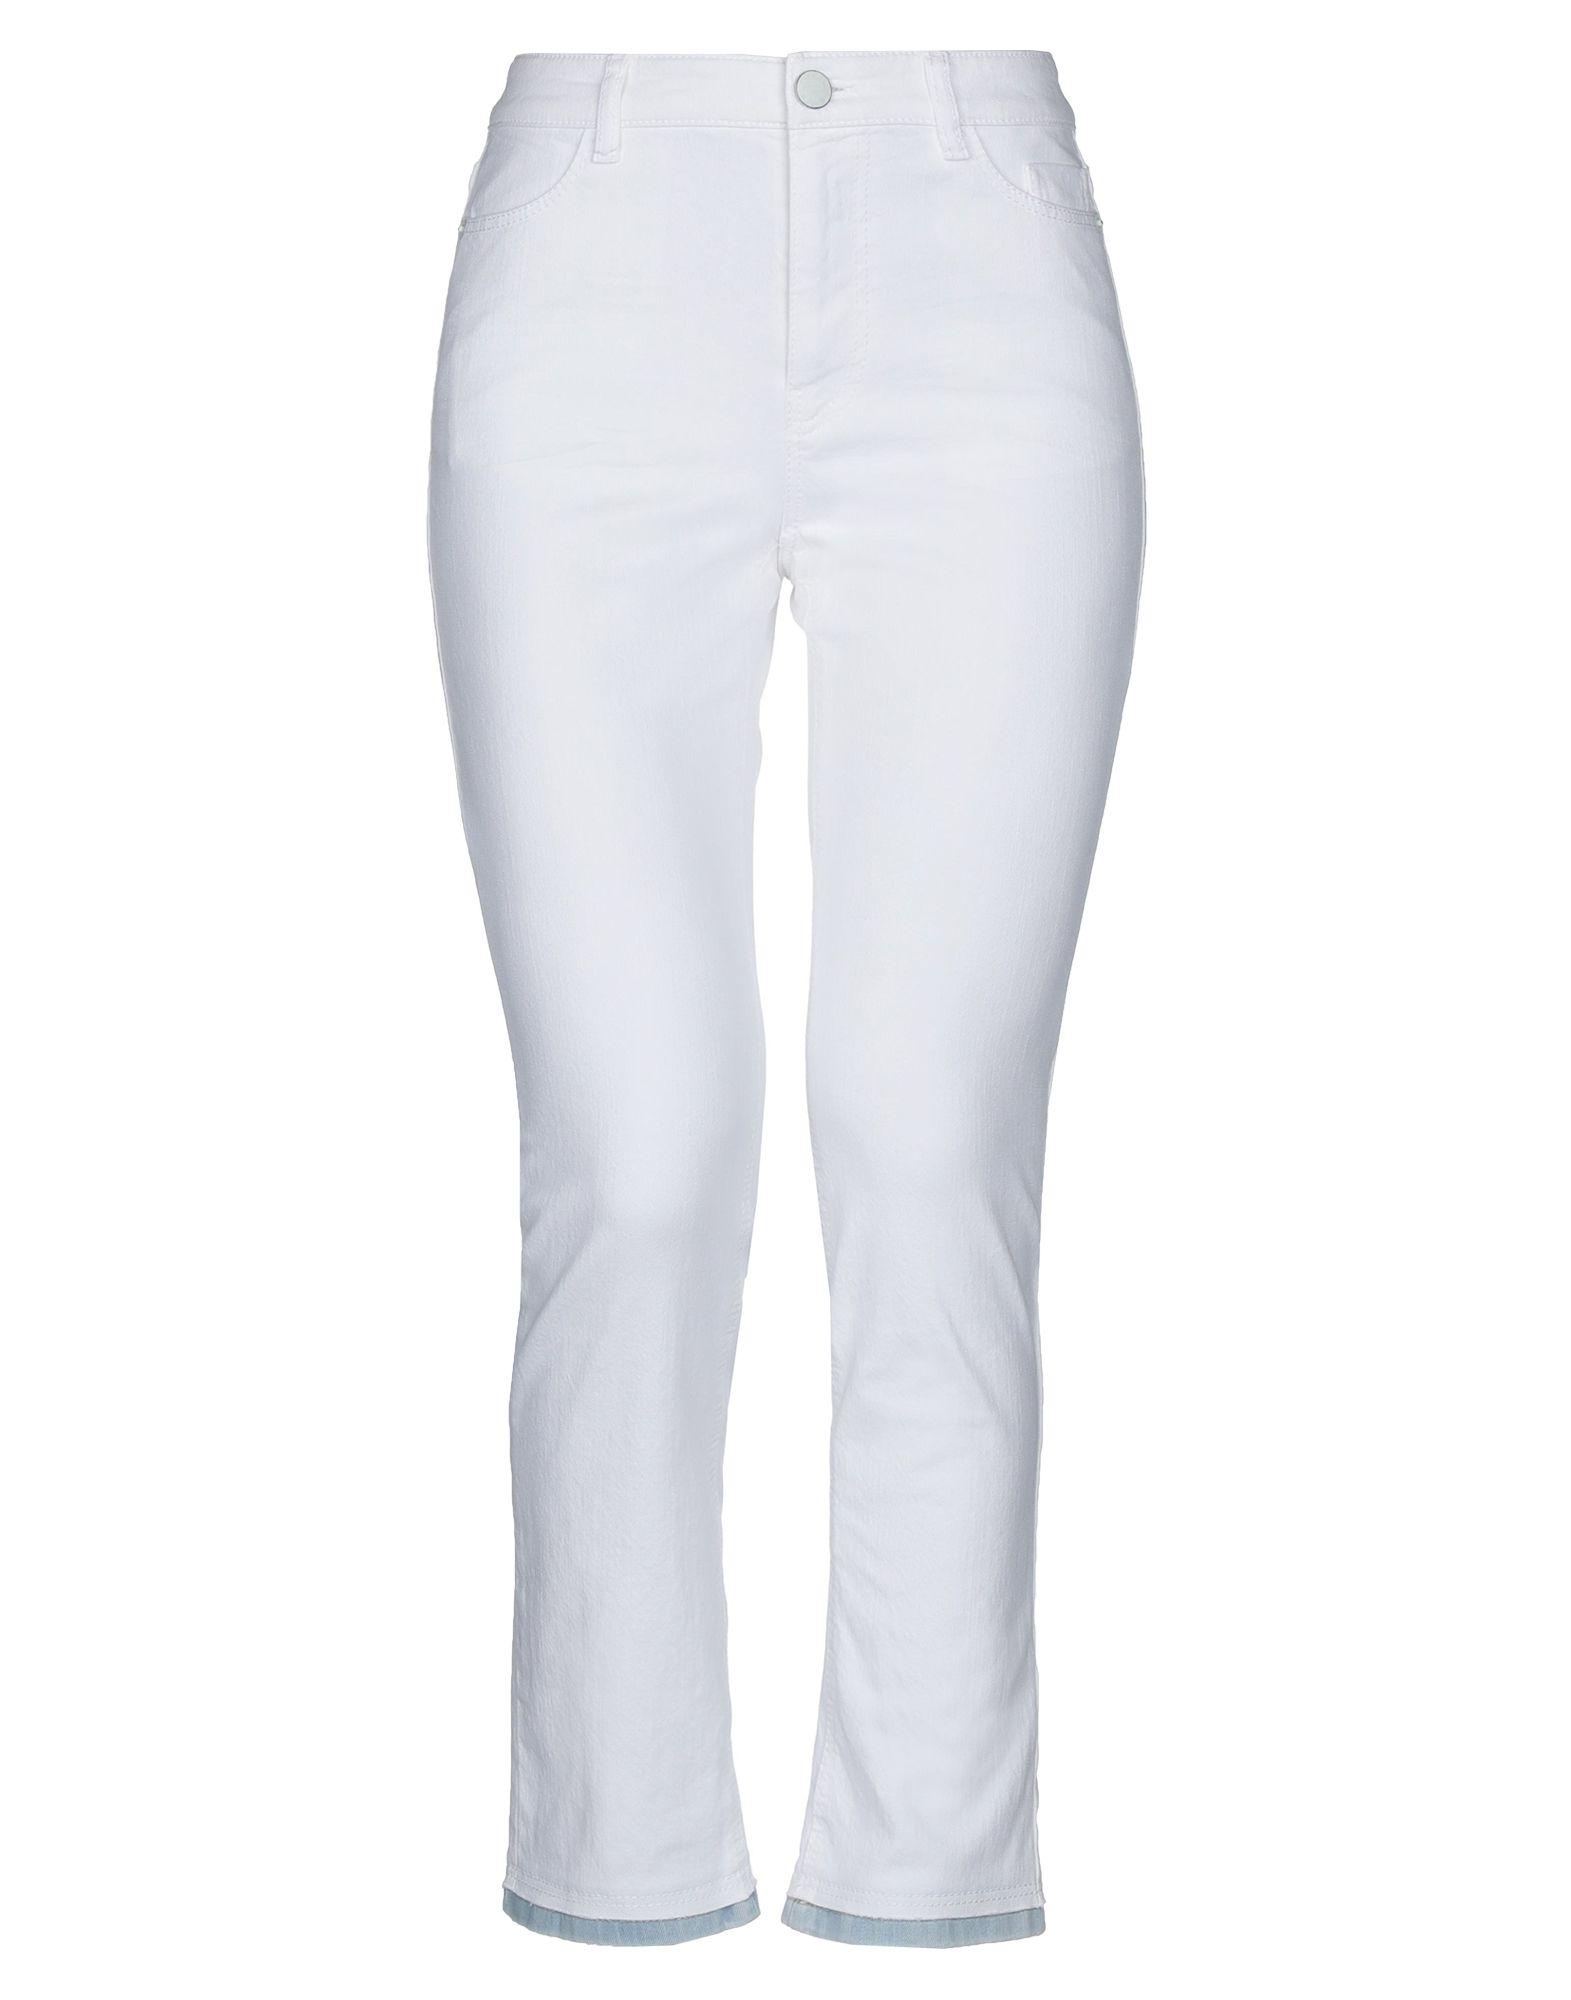 MARC CAIN Джинсовые брюки брюки marc cain одежда повседневная на каждый день